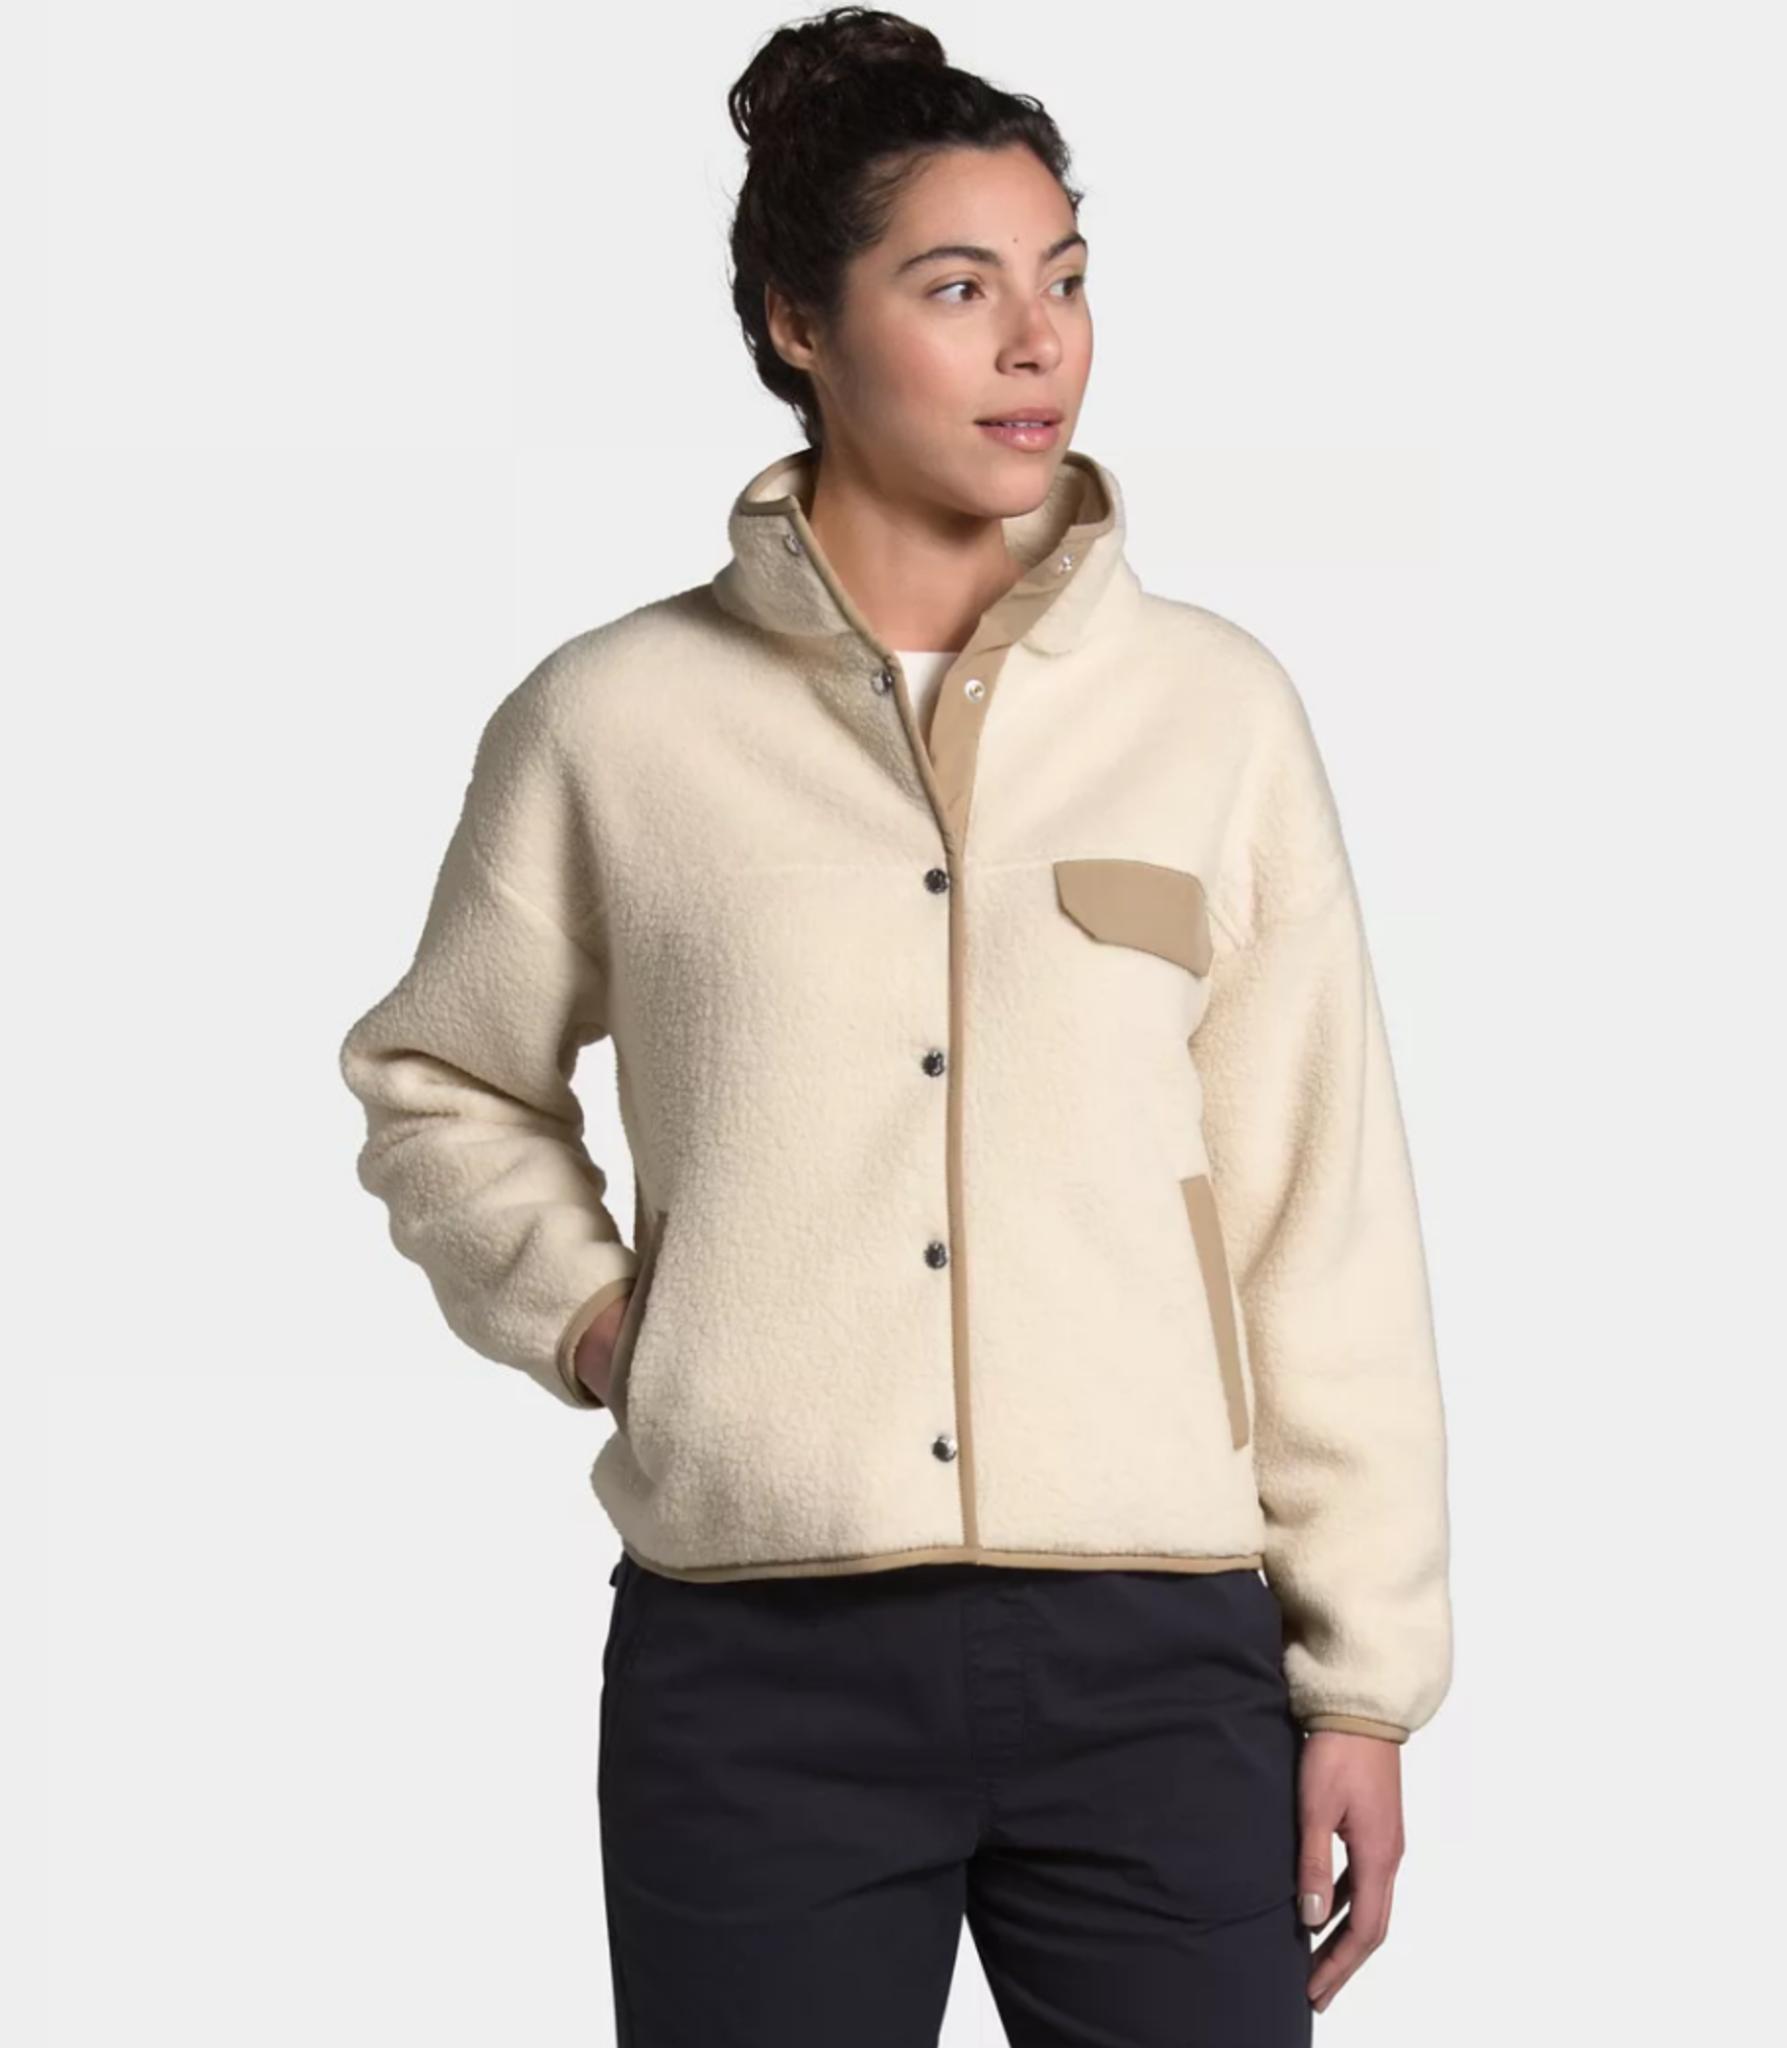 TNF Cragmont Fleece Jacket Women's-1